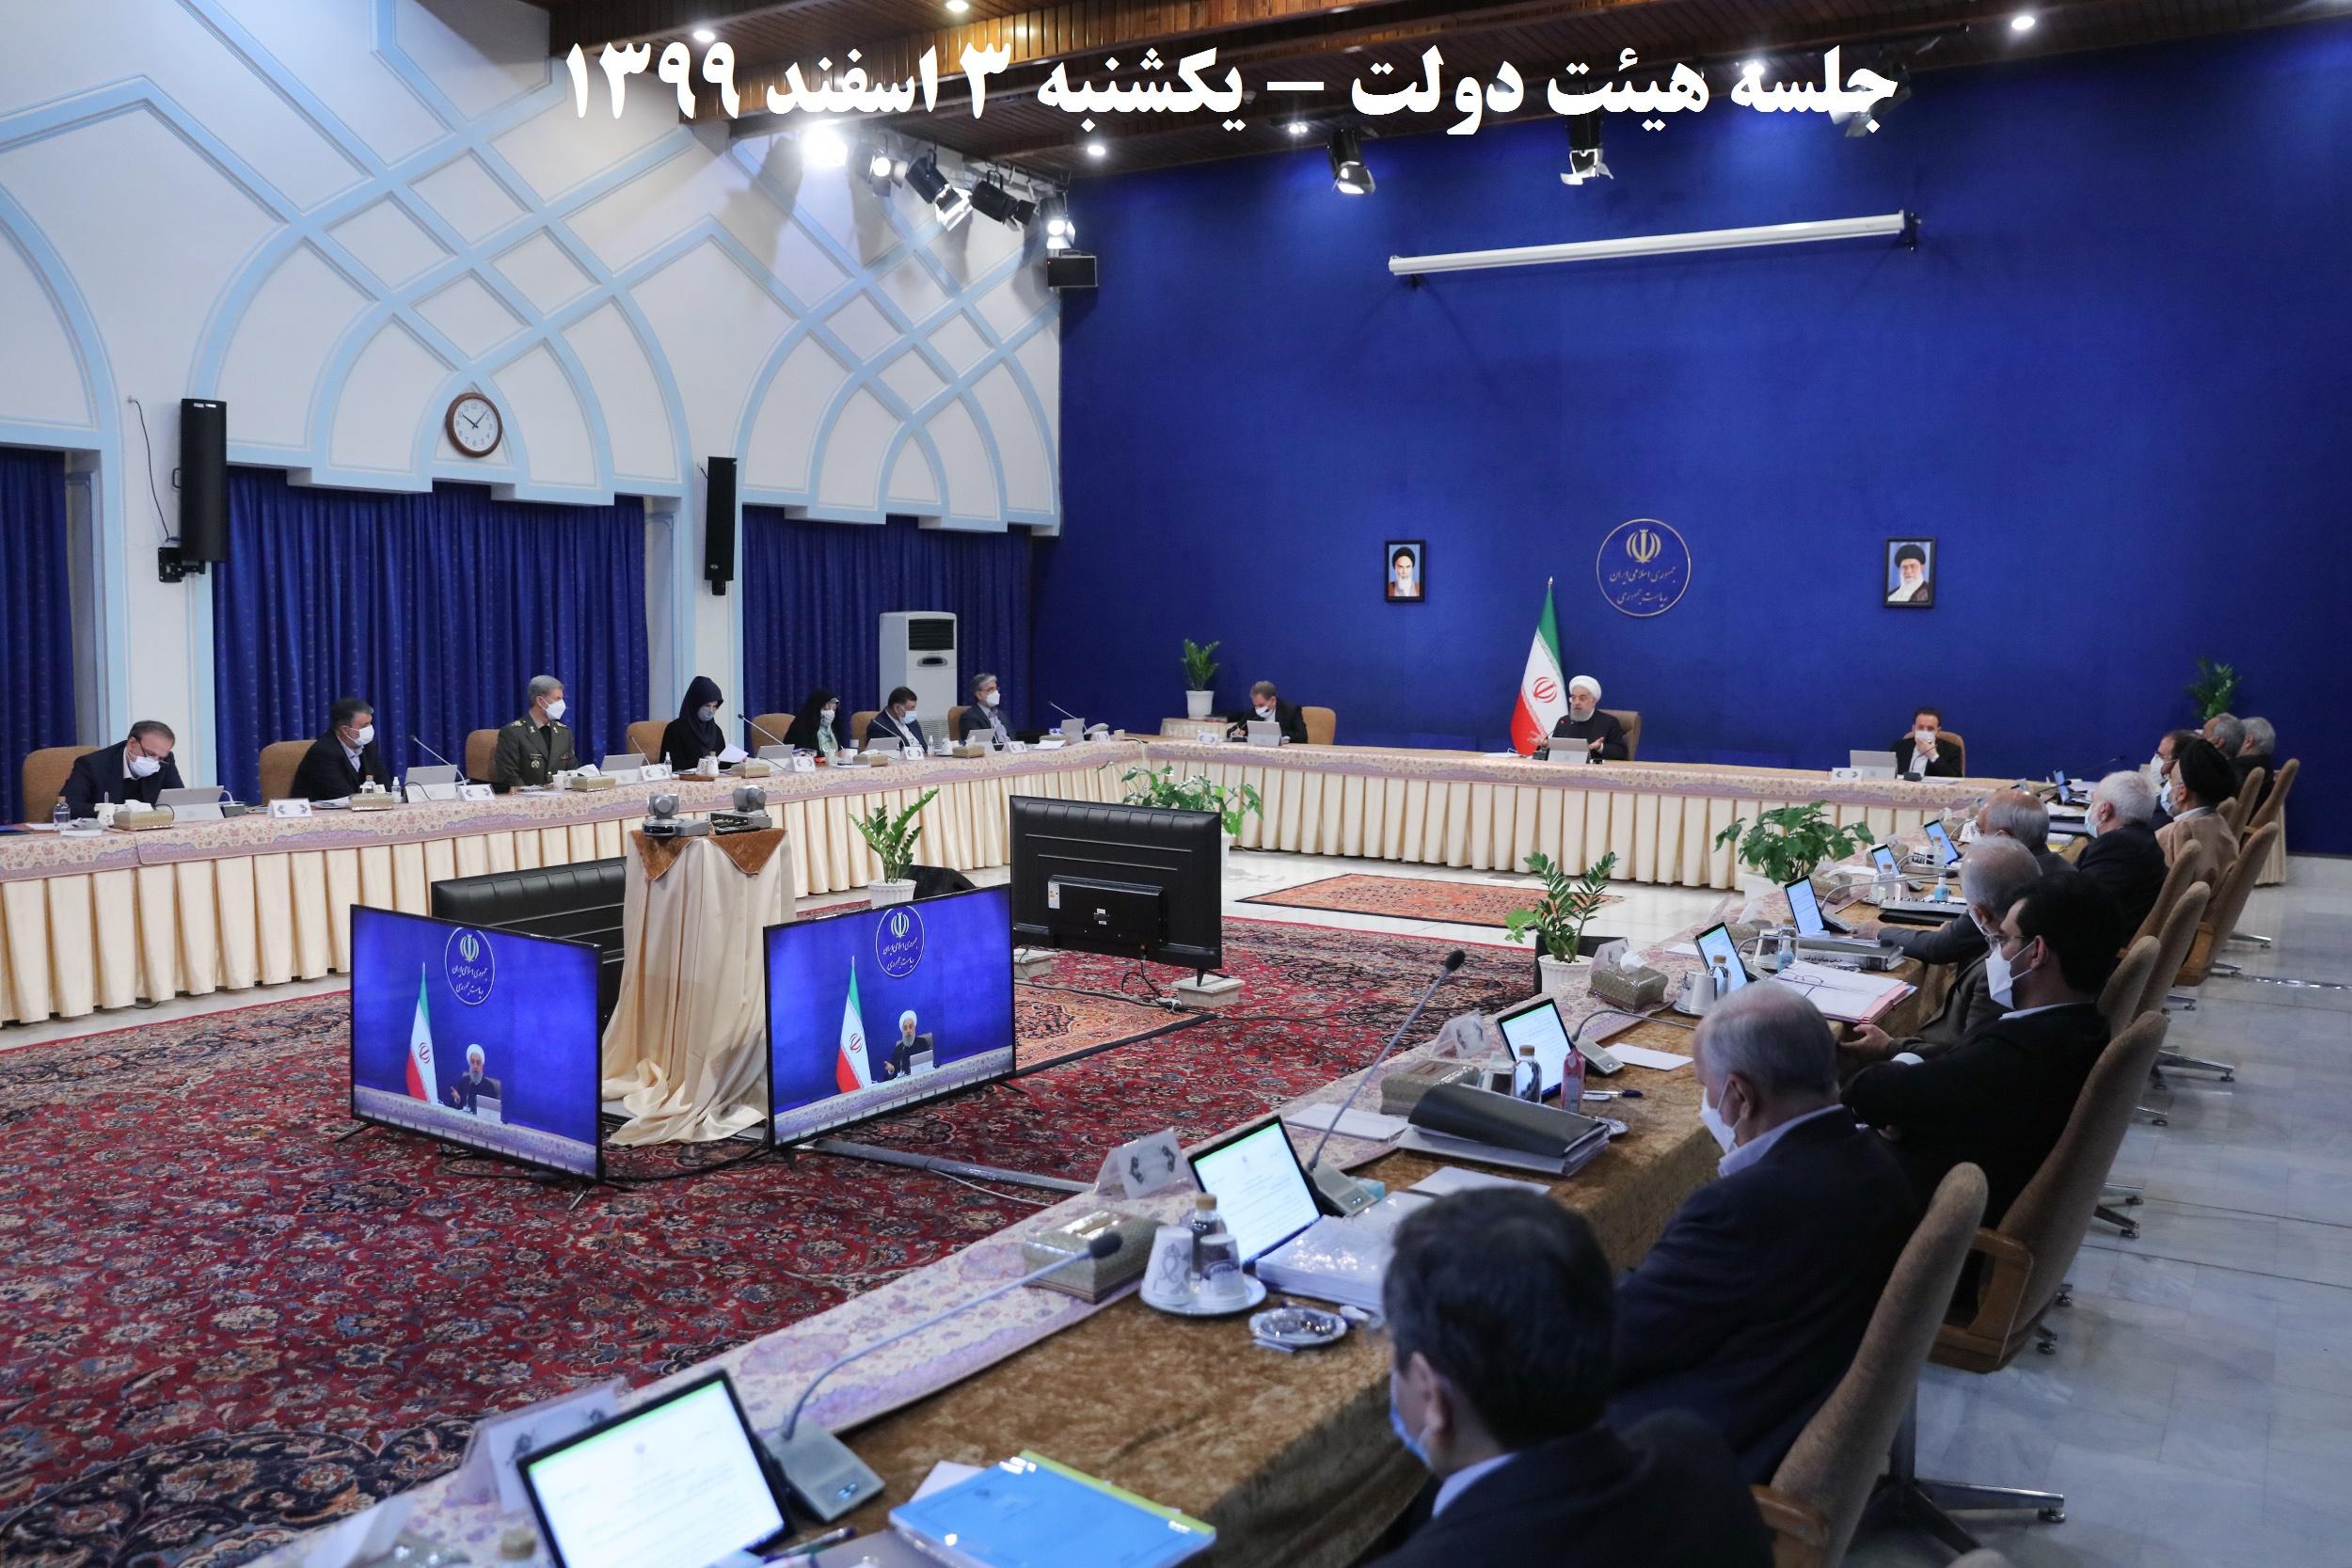 گزارش وزرای راه و شهرسازی و کشور از وضعیت خدمات رسانی به زلزله زدگان استان های کهگیلویه و بویراحمد و اصفهان